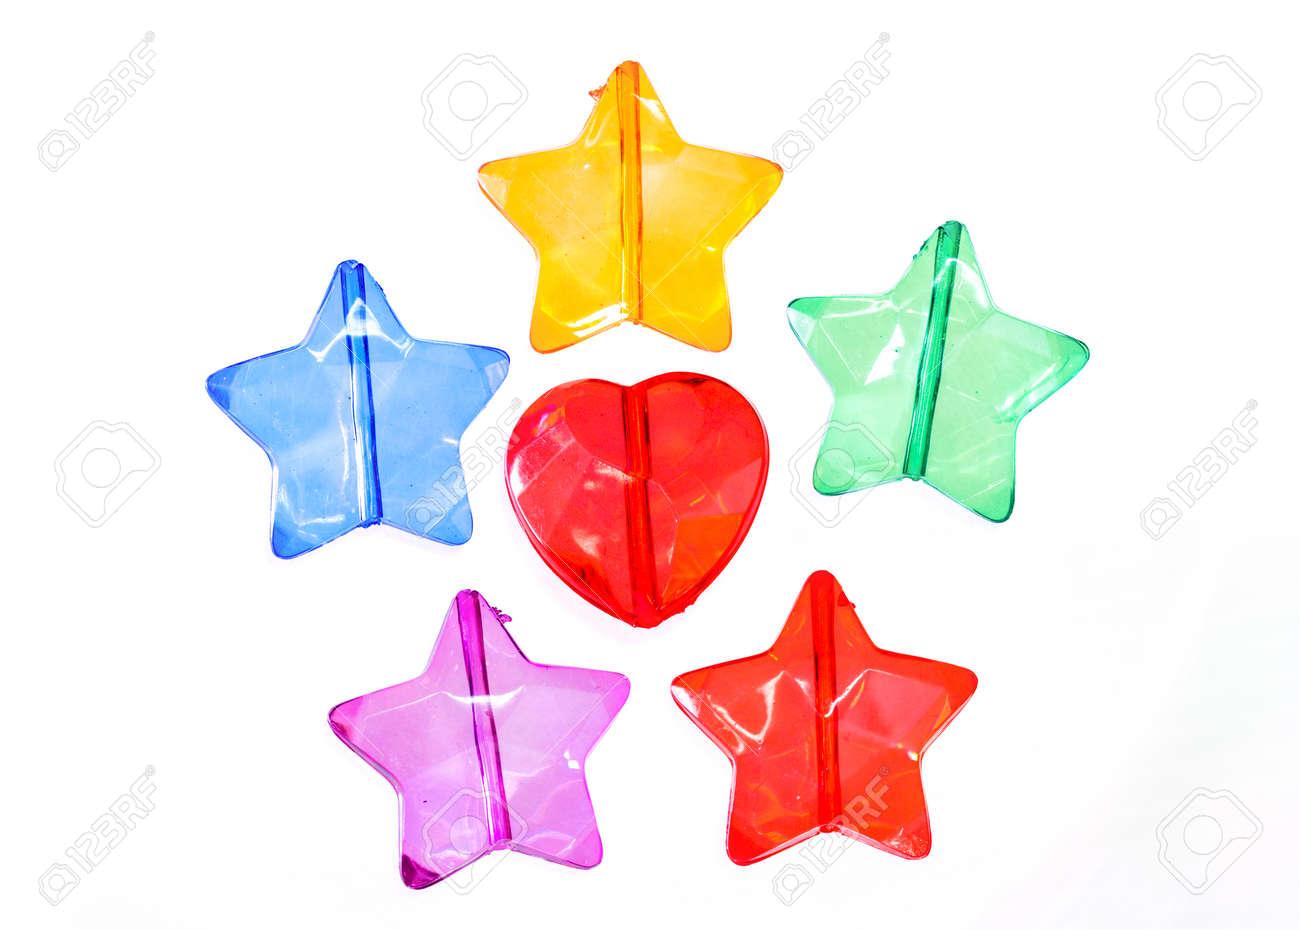 Perles De Forme D étoile En Plastique Transparent Coloré Banque D Images Et Photos Libres De Droits Image 29392845